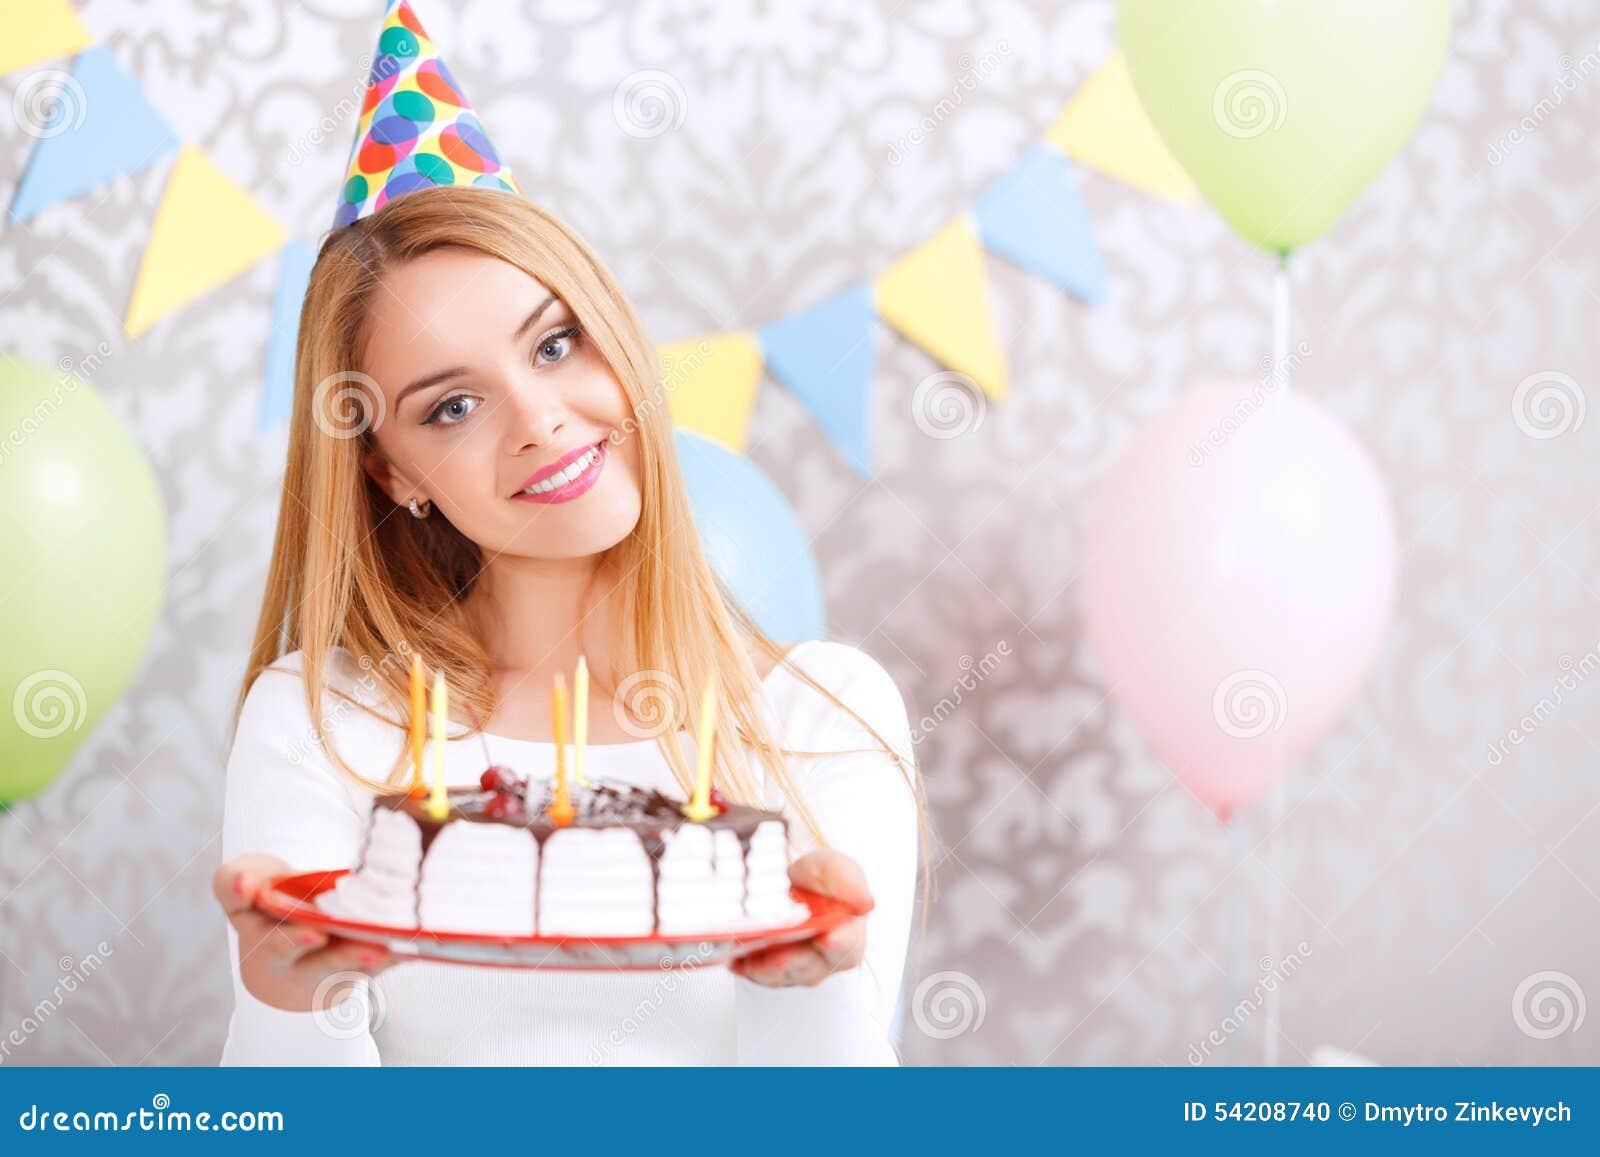 Новые идеи для фотосессии и подарка -игры на День Рождения 57